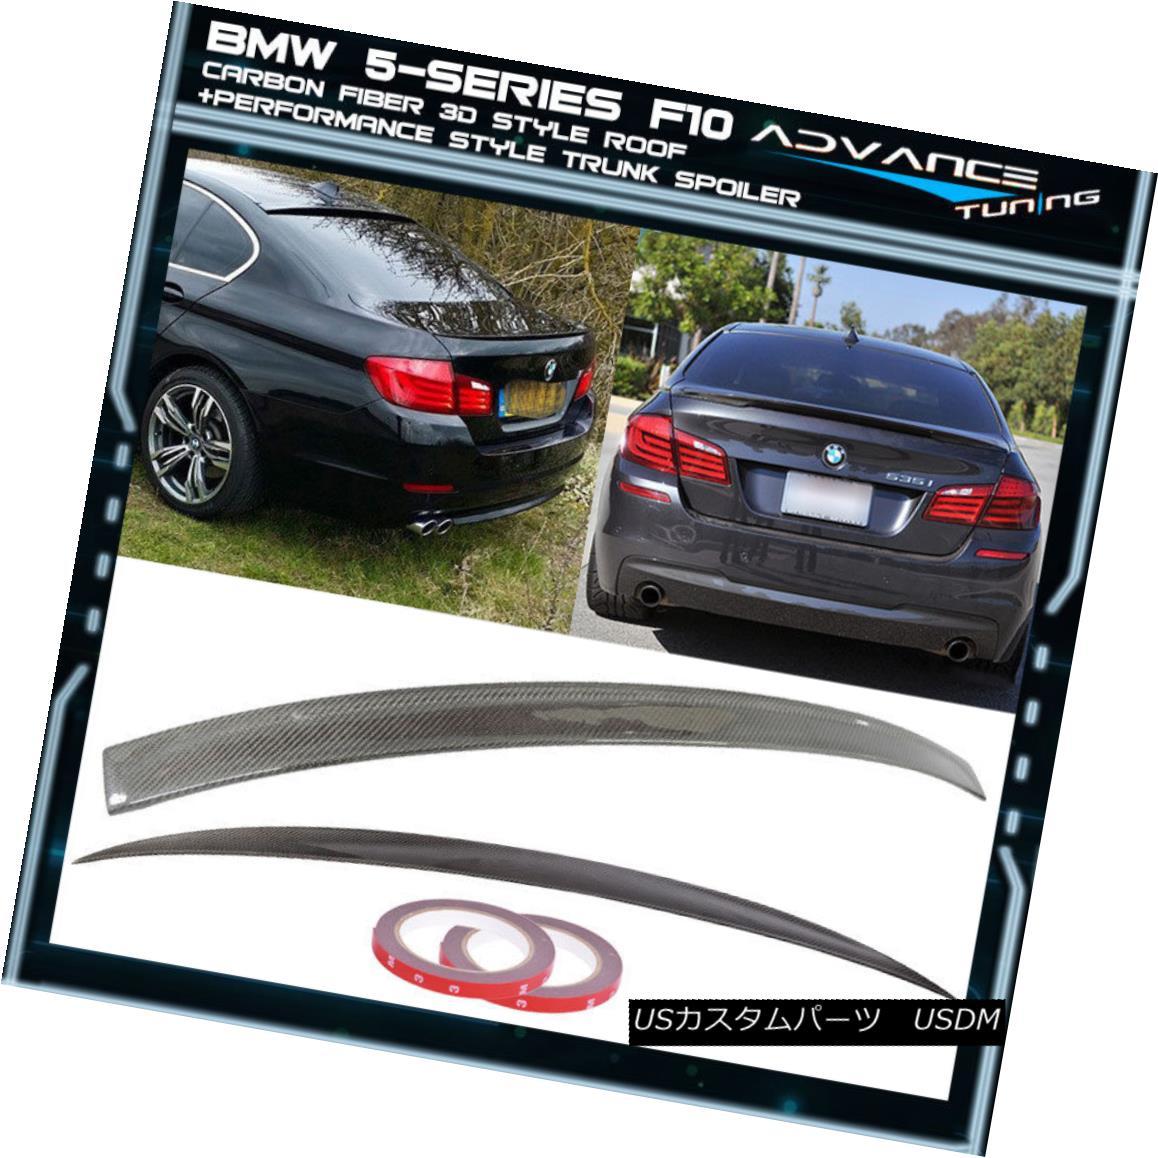 エアロパーツ 11-16 BMW F10 5-Series 4Dr 3D Type Roof Spoiler + Trunk Spoiler Carbon Fiber CF 11-16 BMW F10 5シリーズ4Dr 3Dタイプルーフスポイラー+トランクスポイラーカーボンファイバーCF